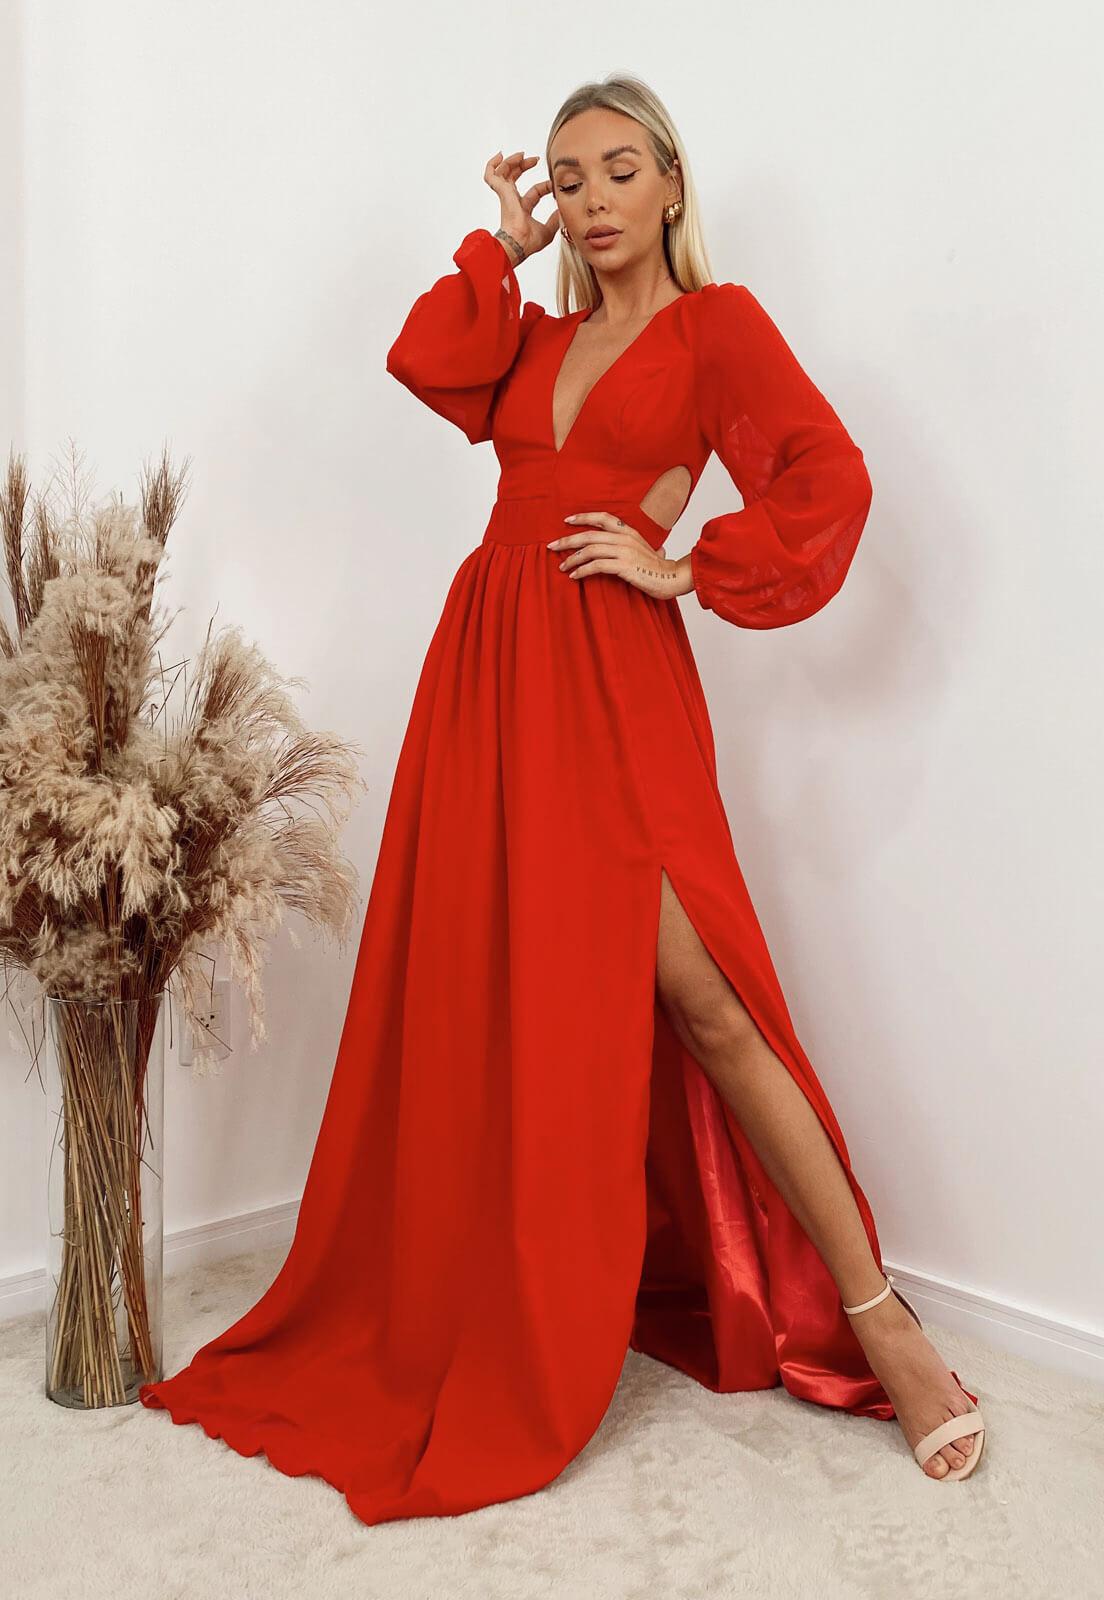 Vestido Longo Manga Longa Vermelho